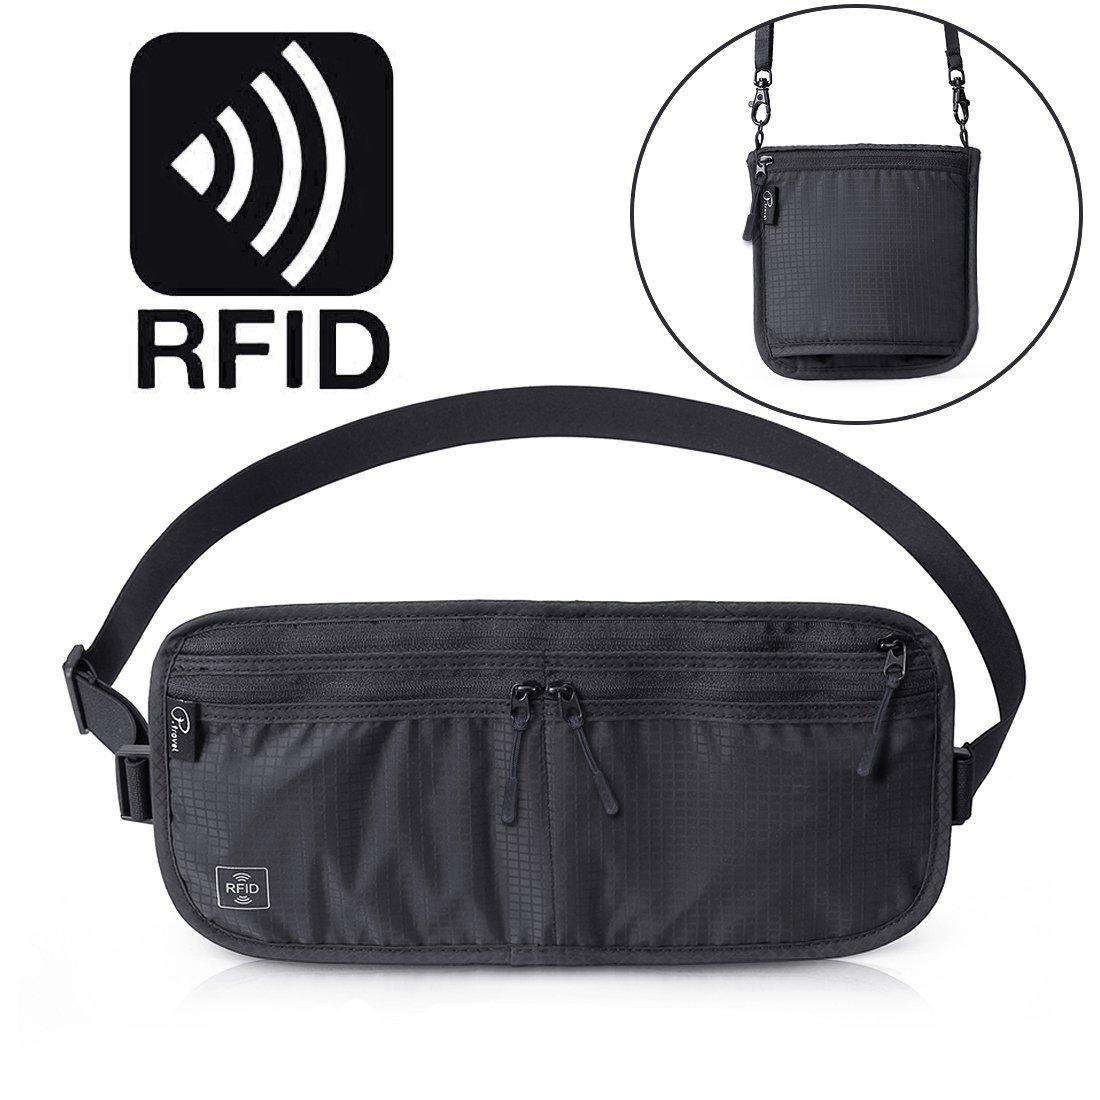 Tuscall Reise Bauchtasche Flach Geldgürtel mit RFID-Blockierung Multifunktion Brustbeutel für Festivals & Urlaub zum Verstauen von Wertsachen, Wasserdichte Hüfttasche für Herren, Damen & Kinder